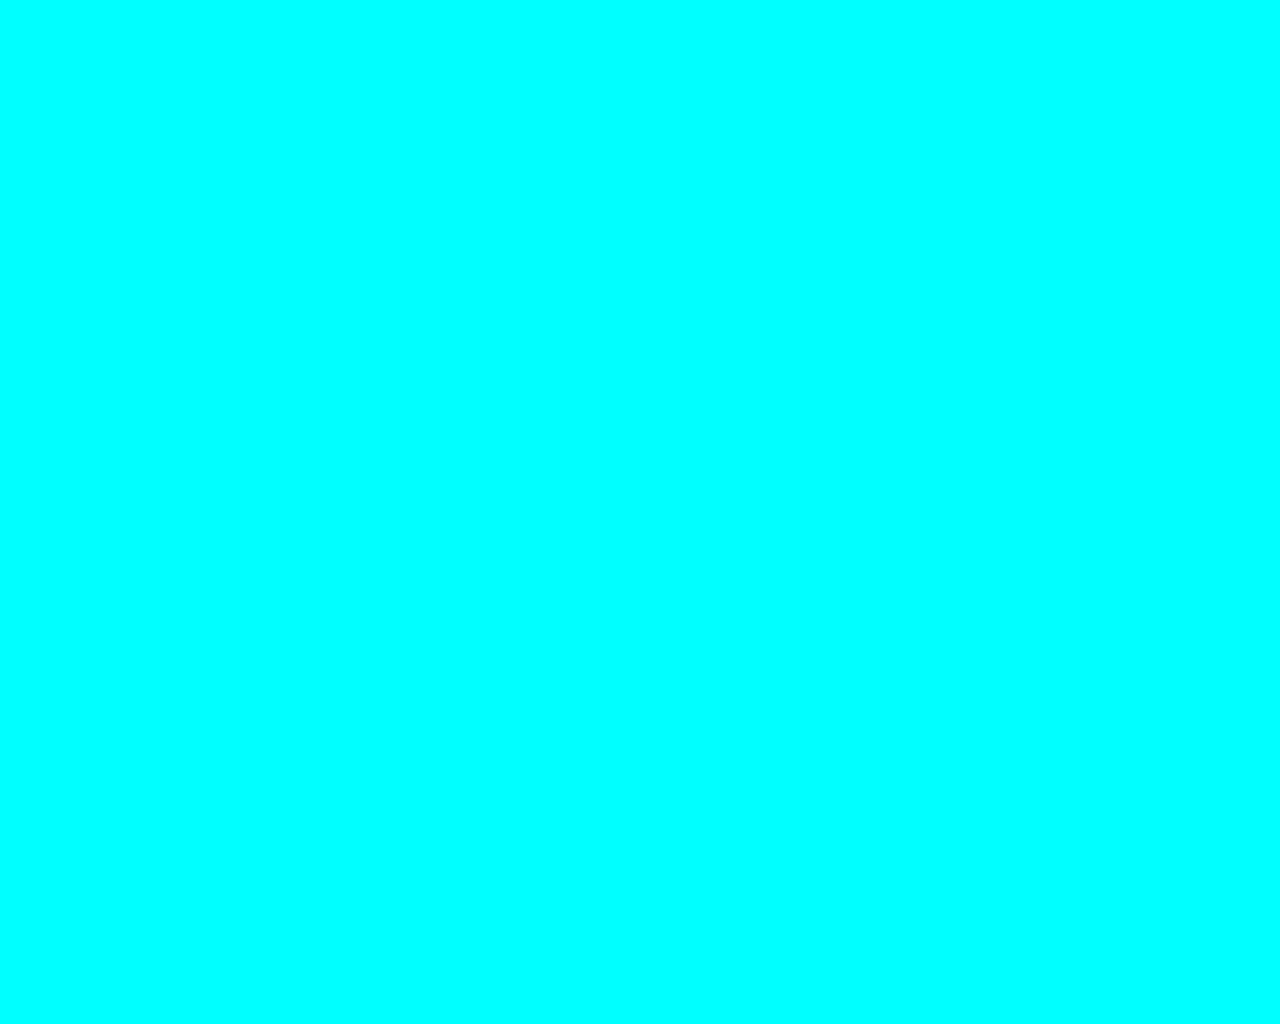 Solid aqua blue background 1280x1024 aqua solid color